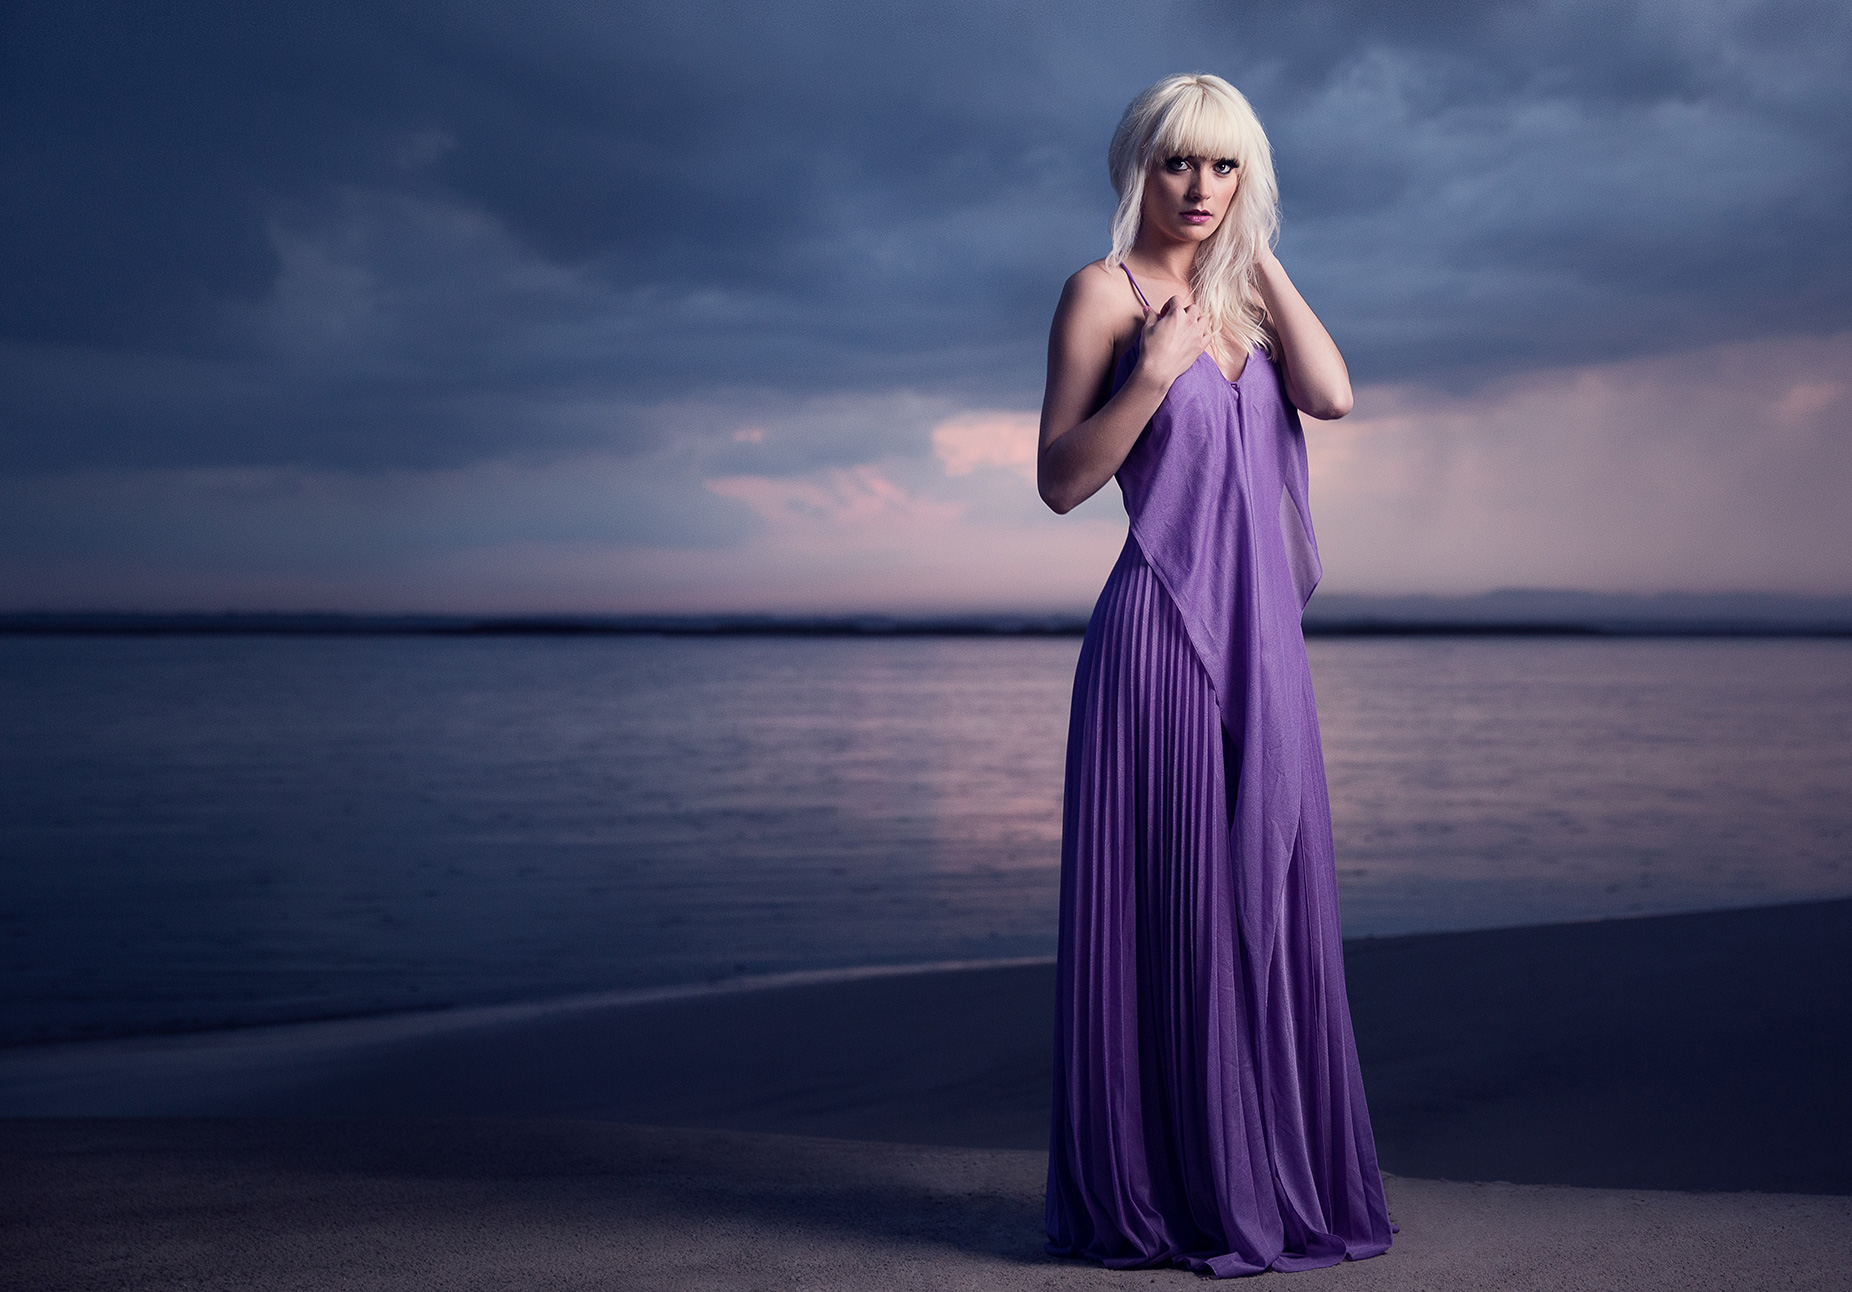 Stormy Jane